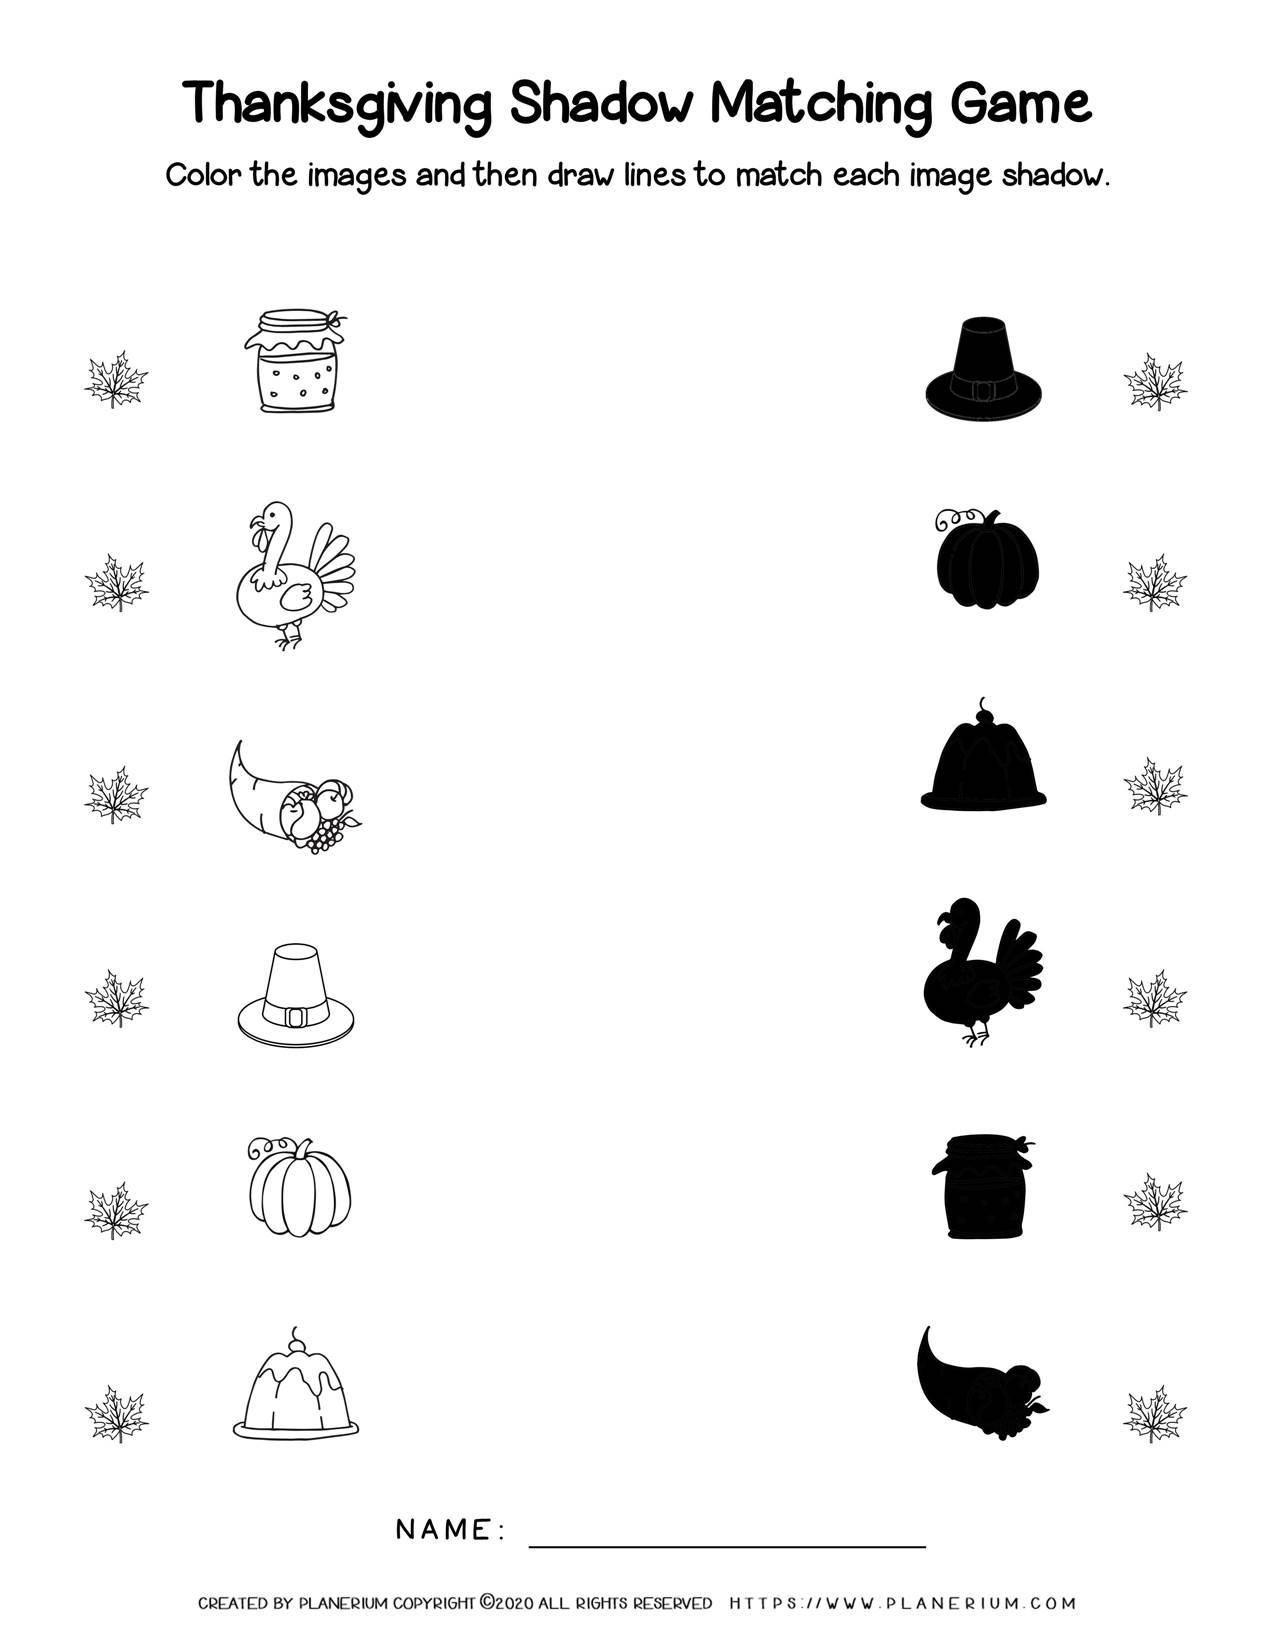 Shadow Matching - Thanksgiving Worksheet | Planerium